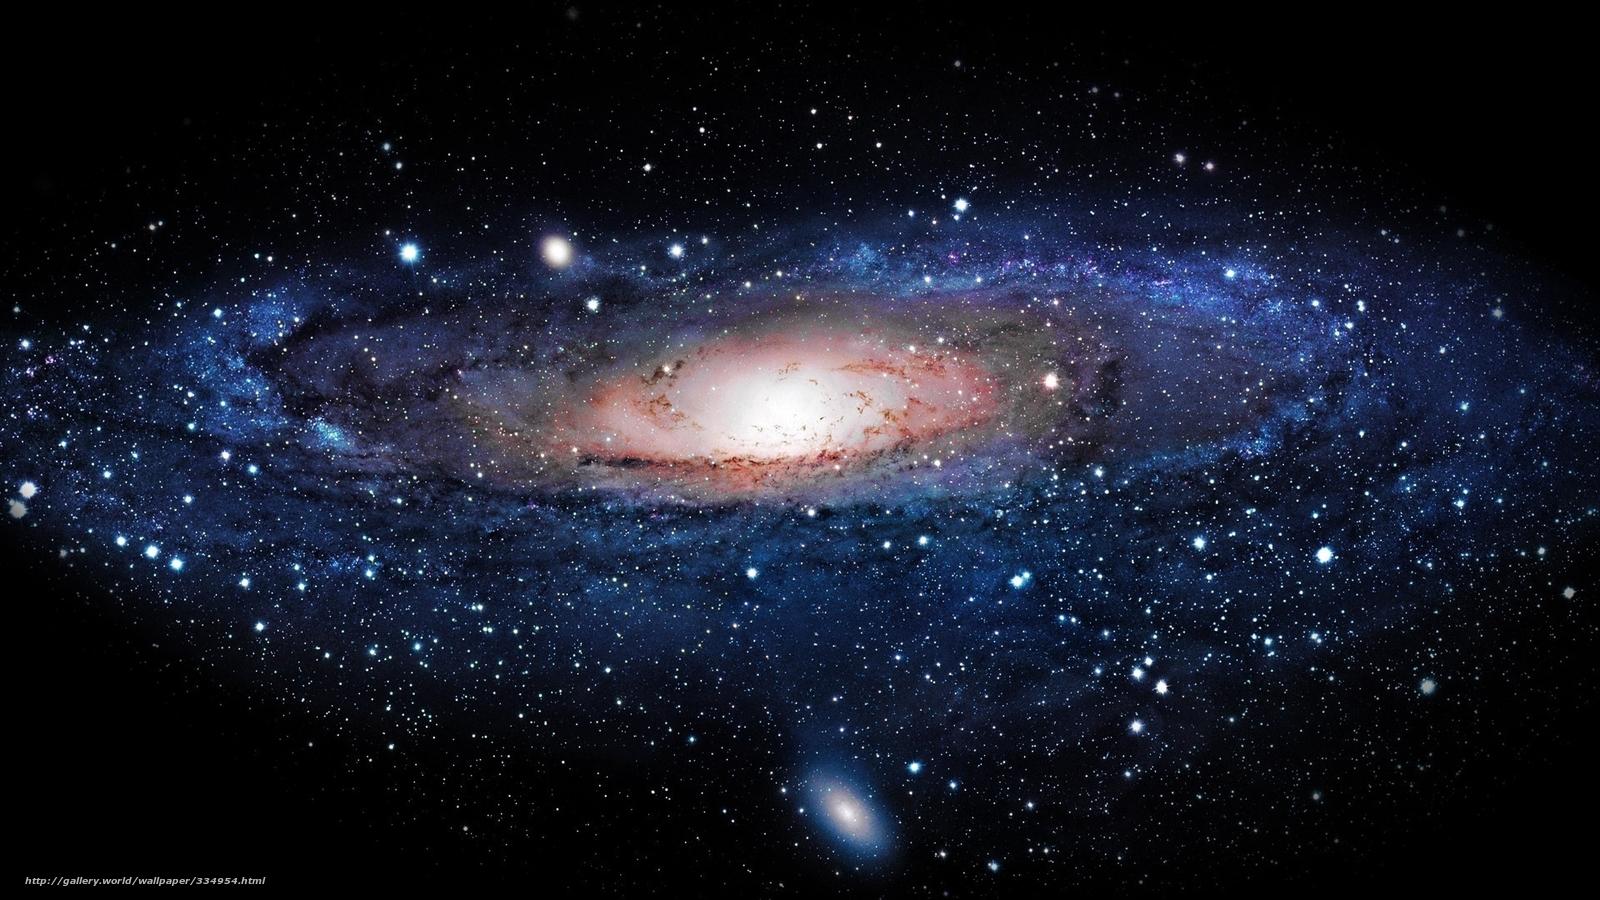 scaricare gli sfondi universo stella pianeta luce